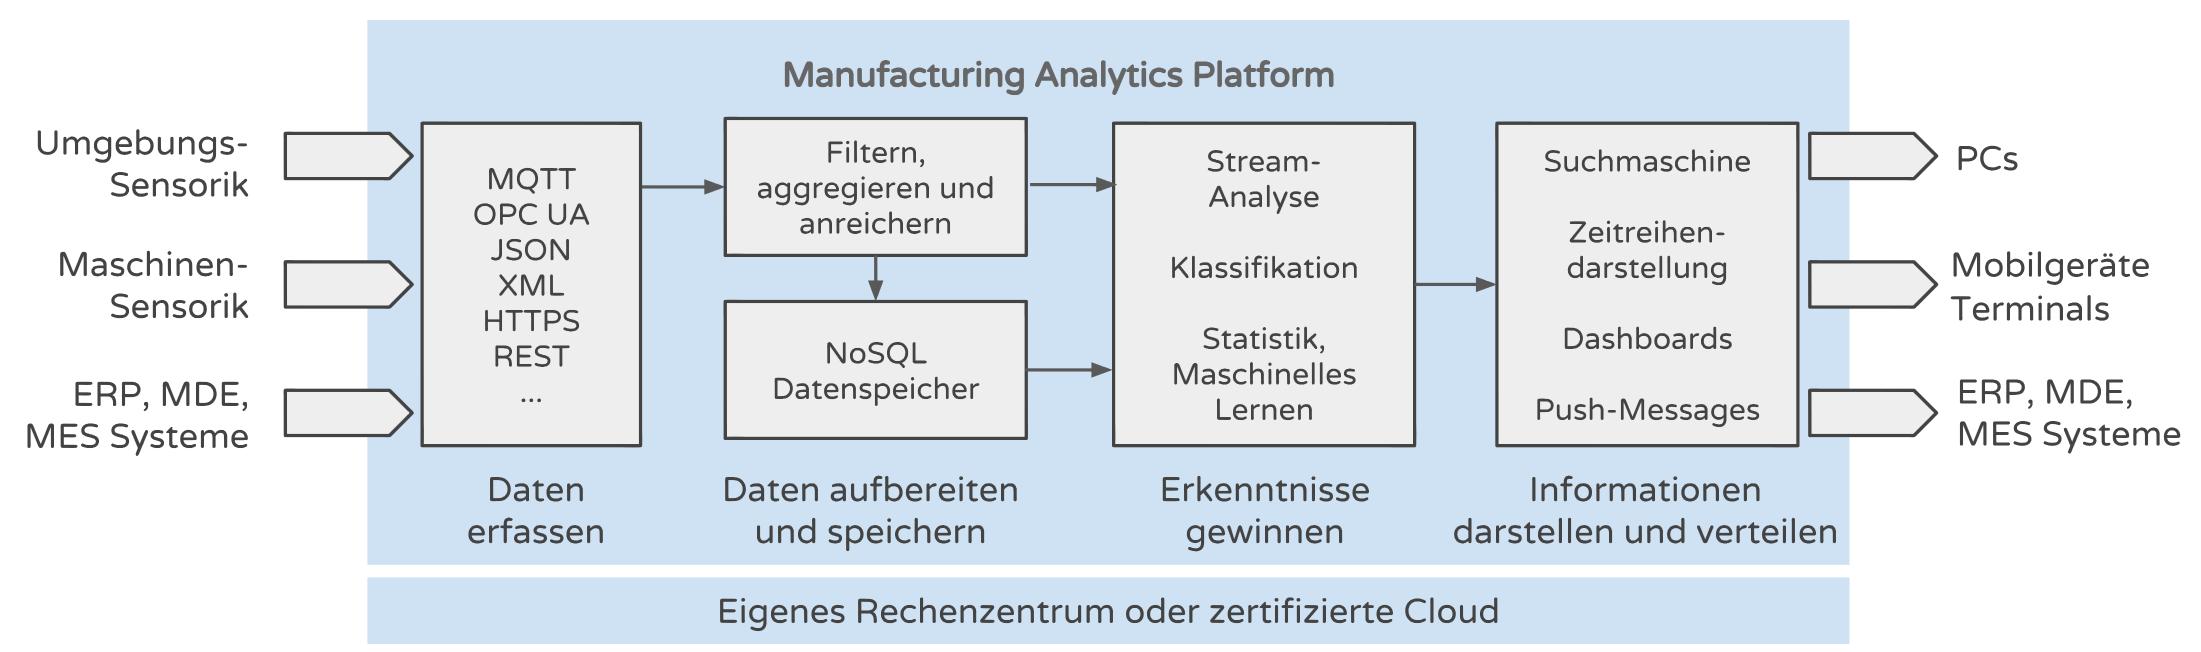 Copy of Die Architektur der Manufacturing Analytics Platform